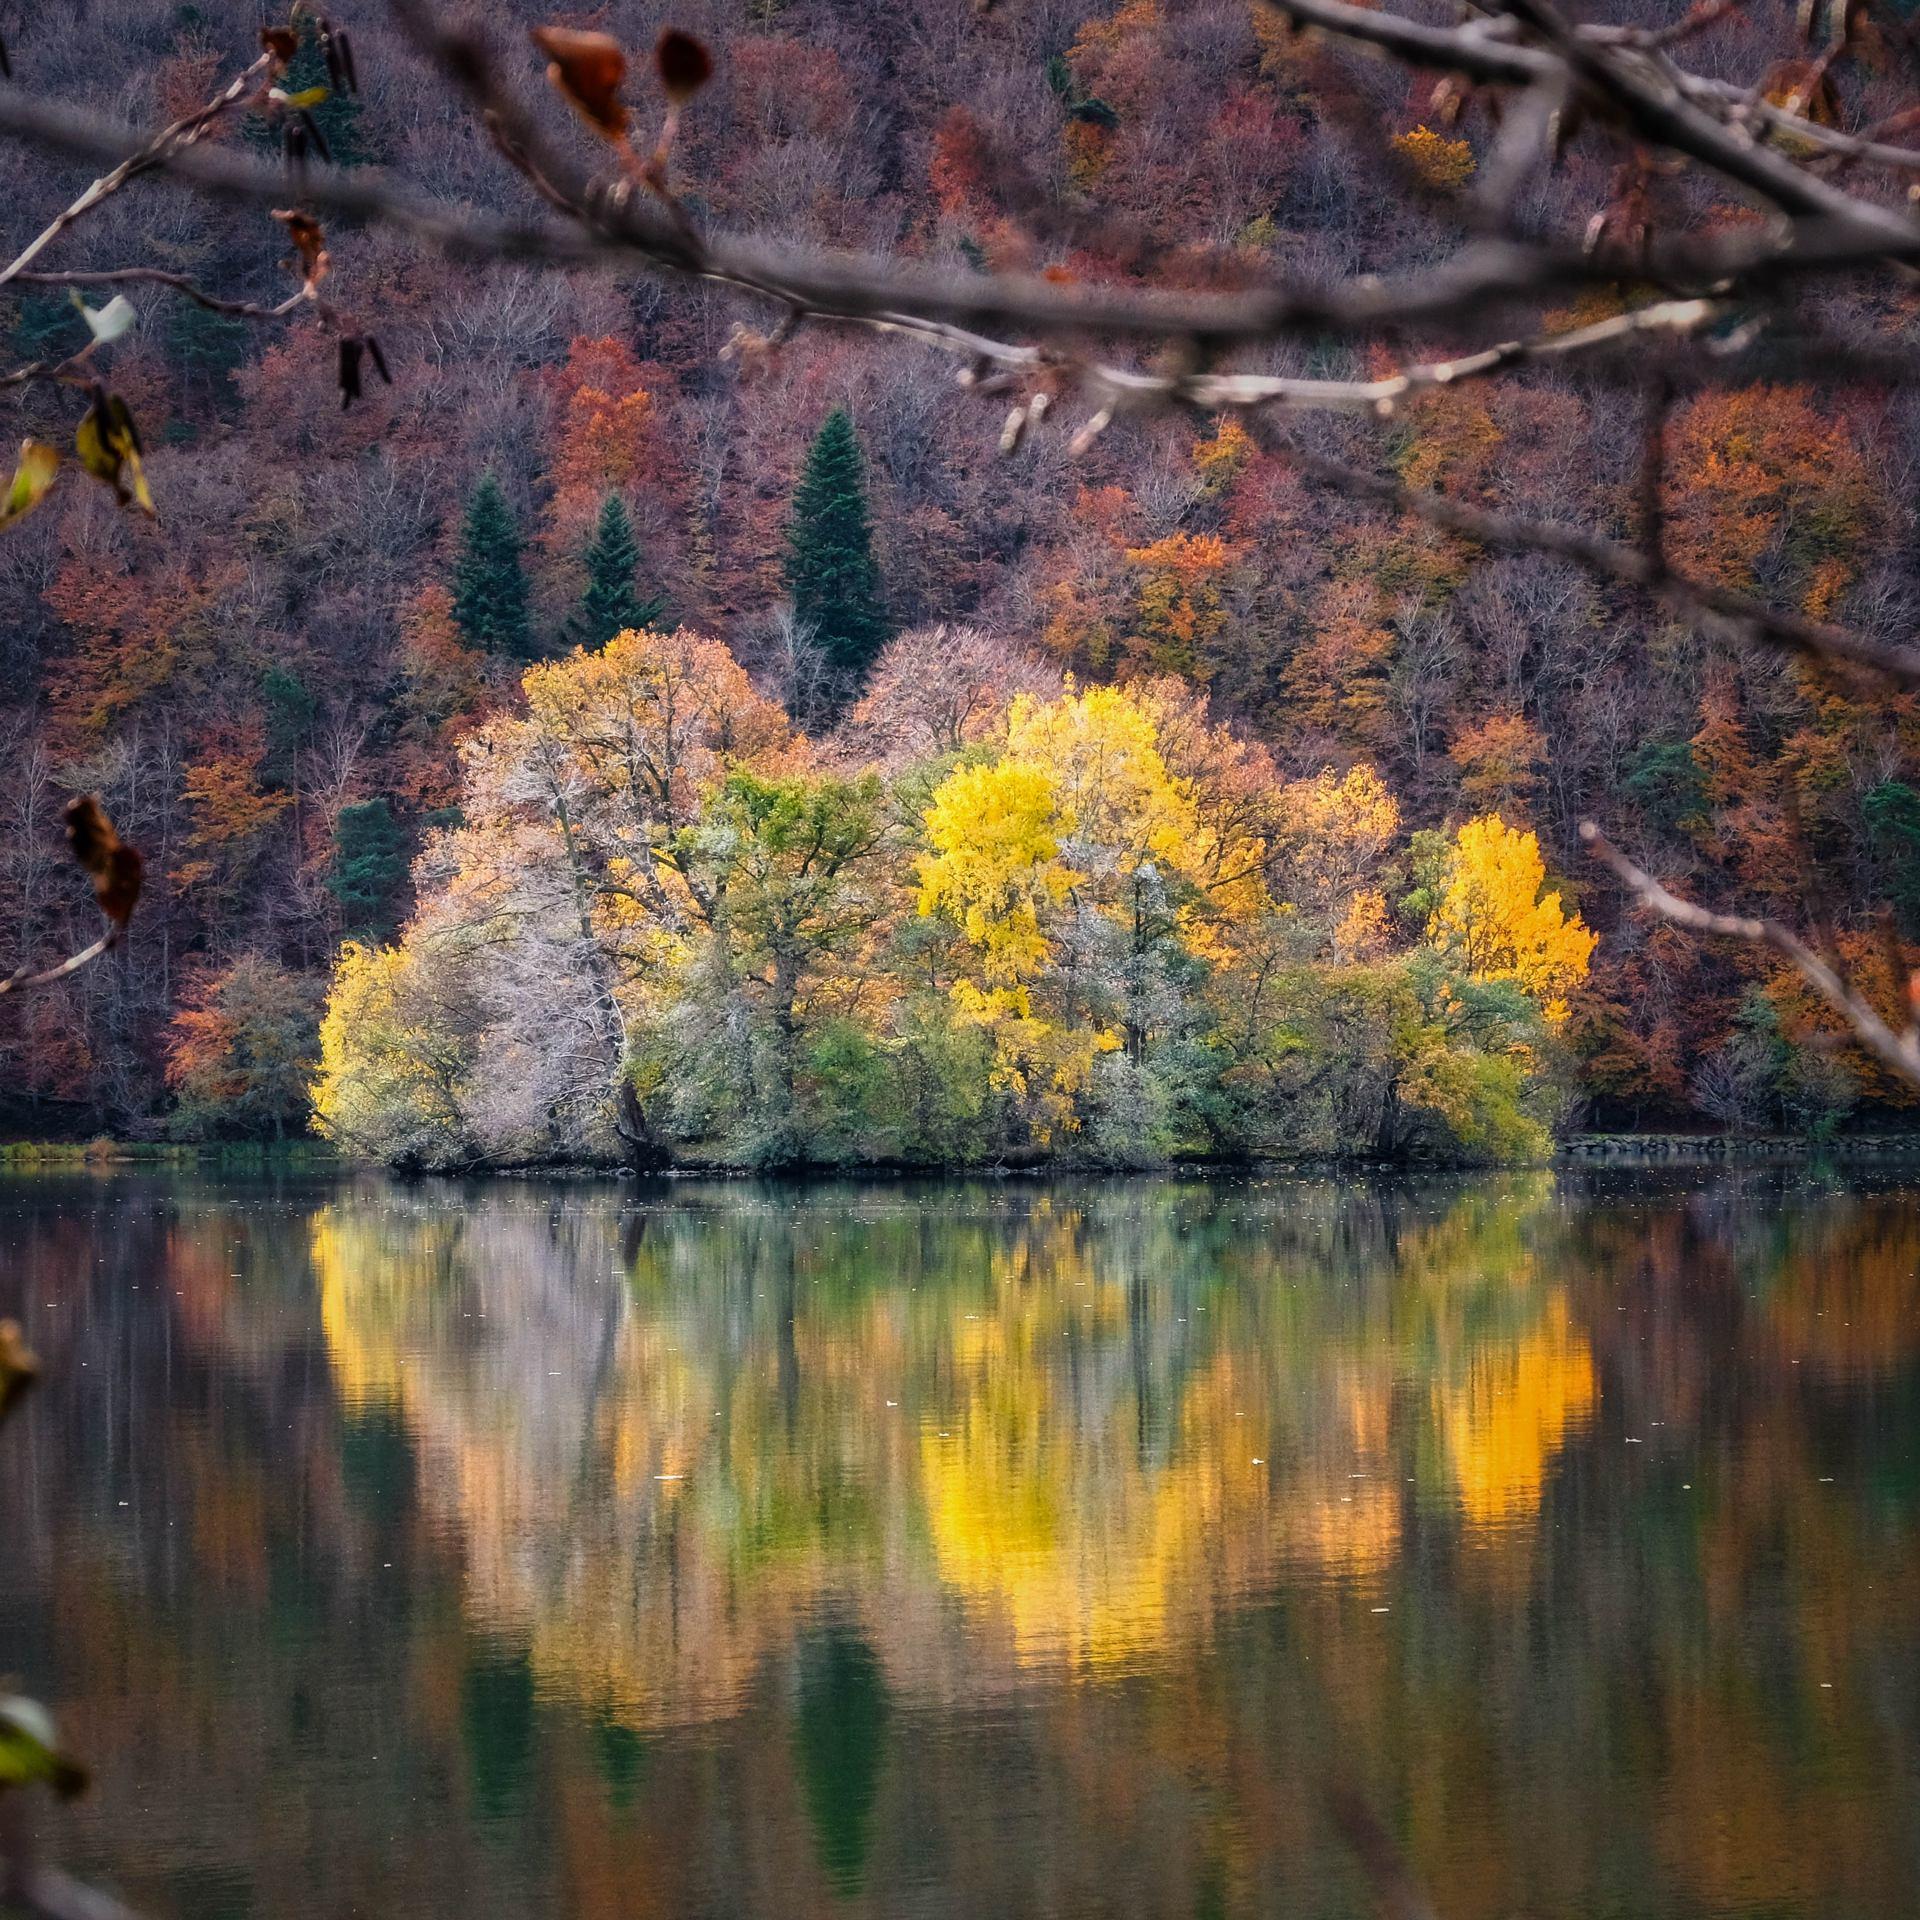 50 nuances d'automne.